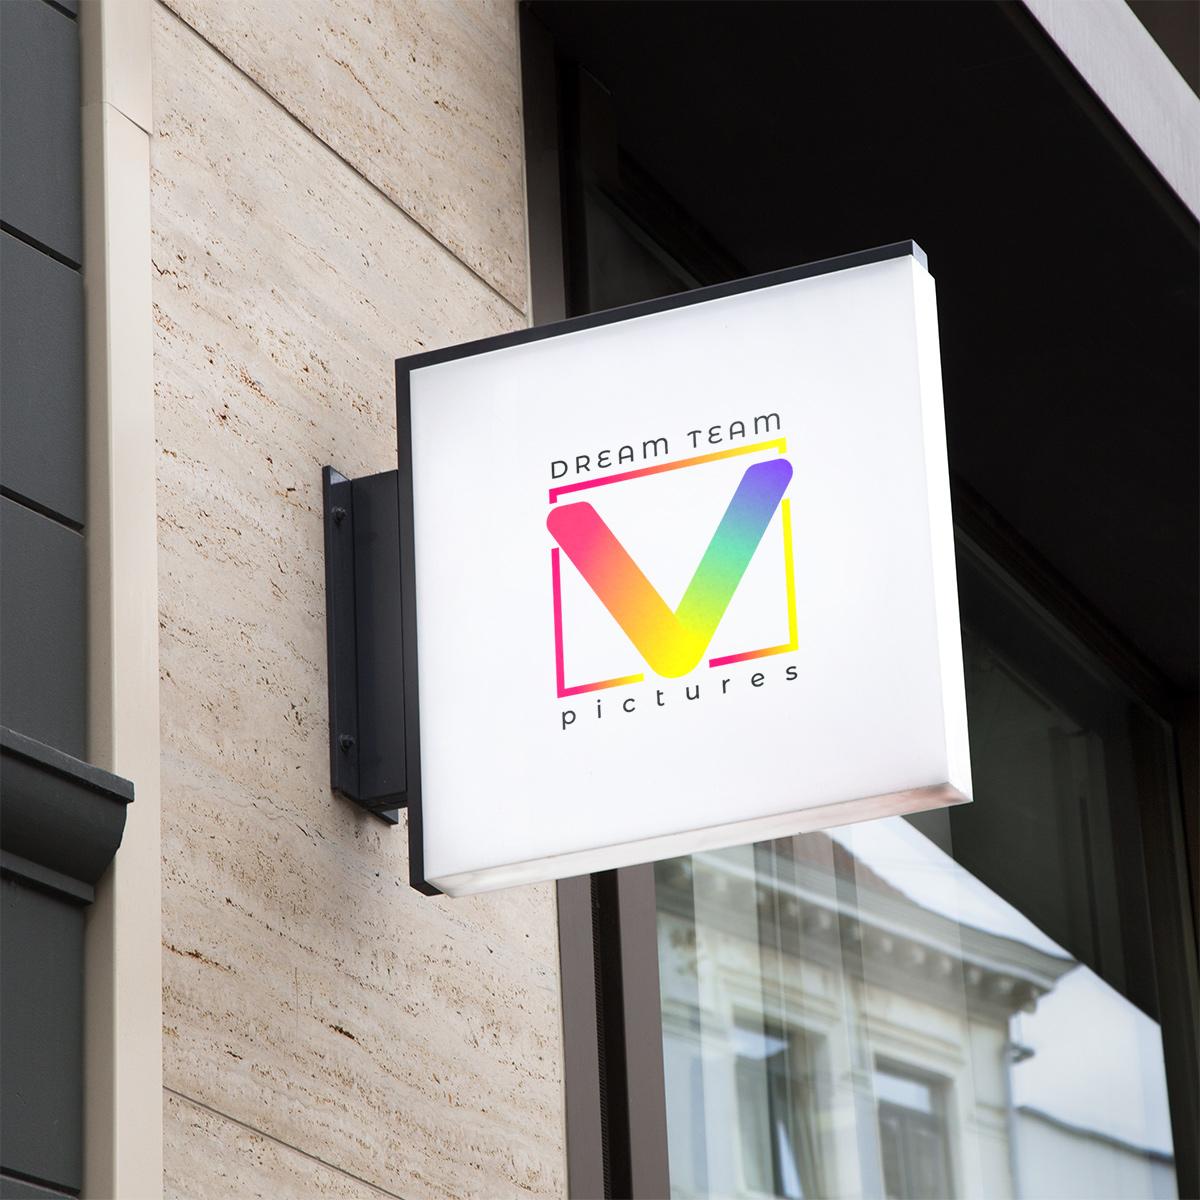 logo v pictures